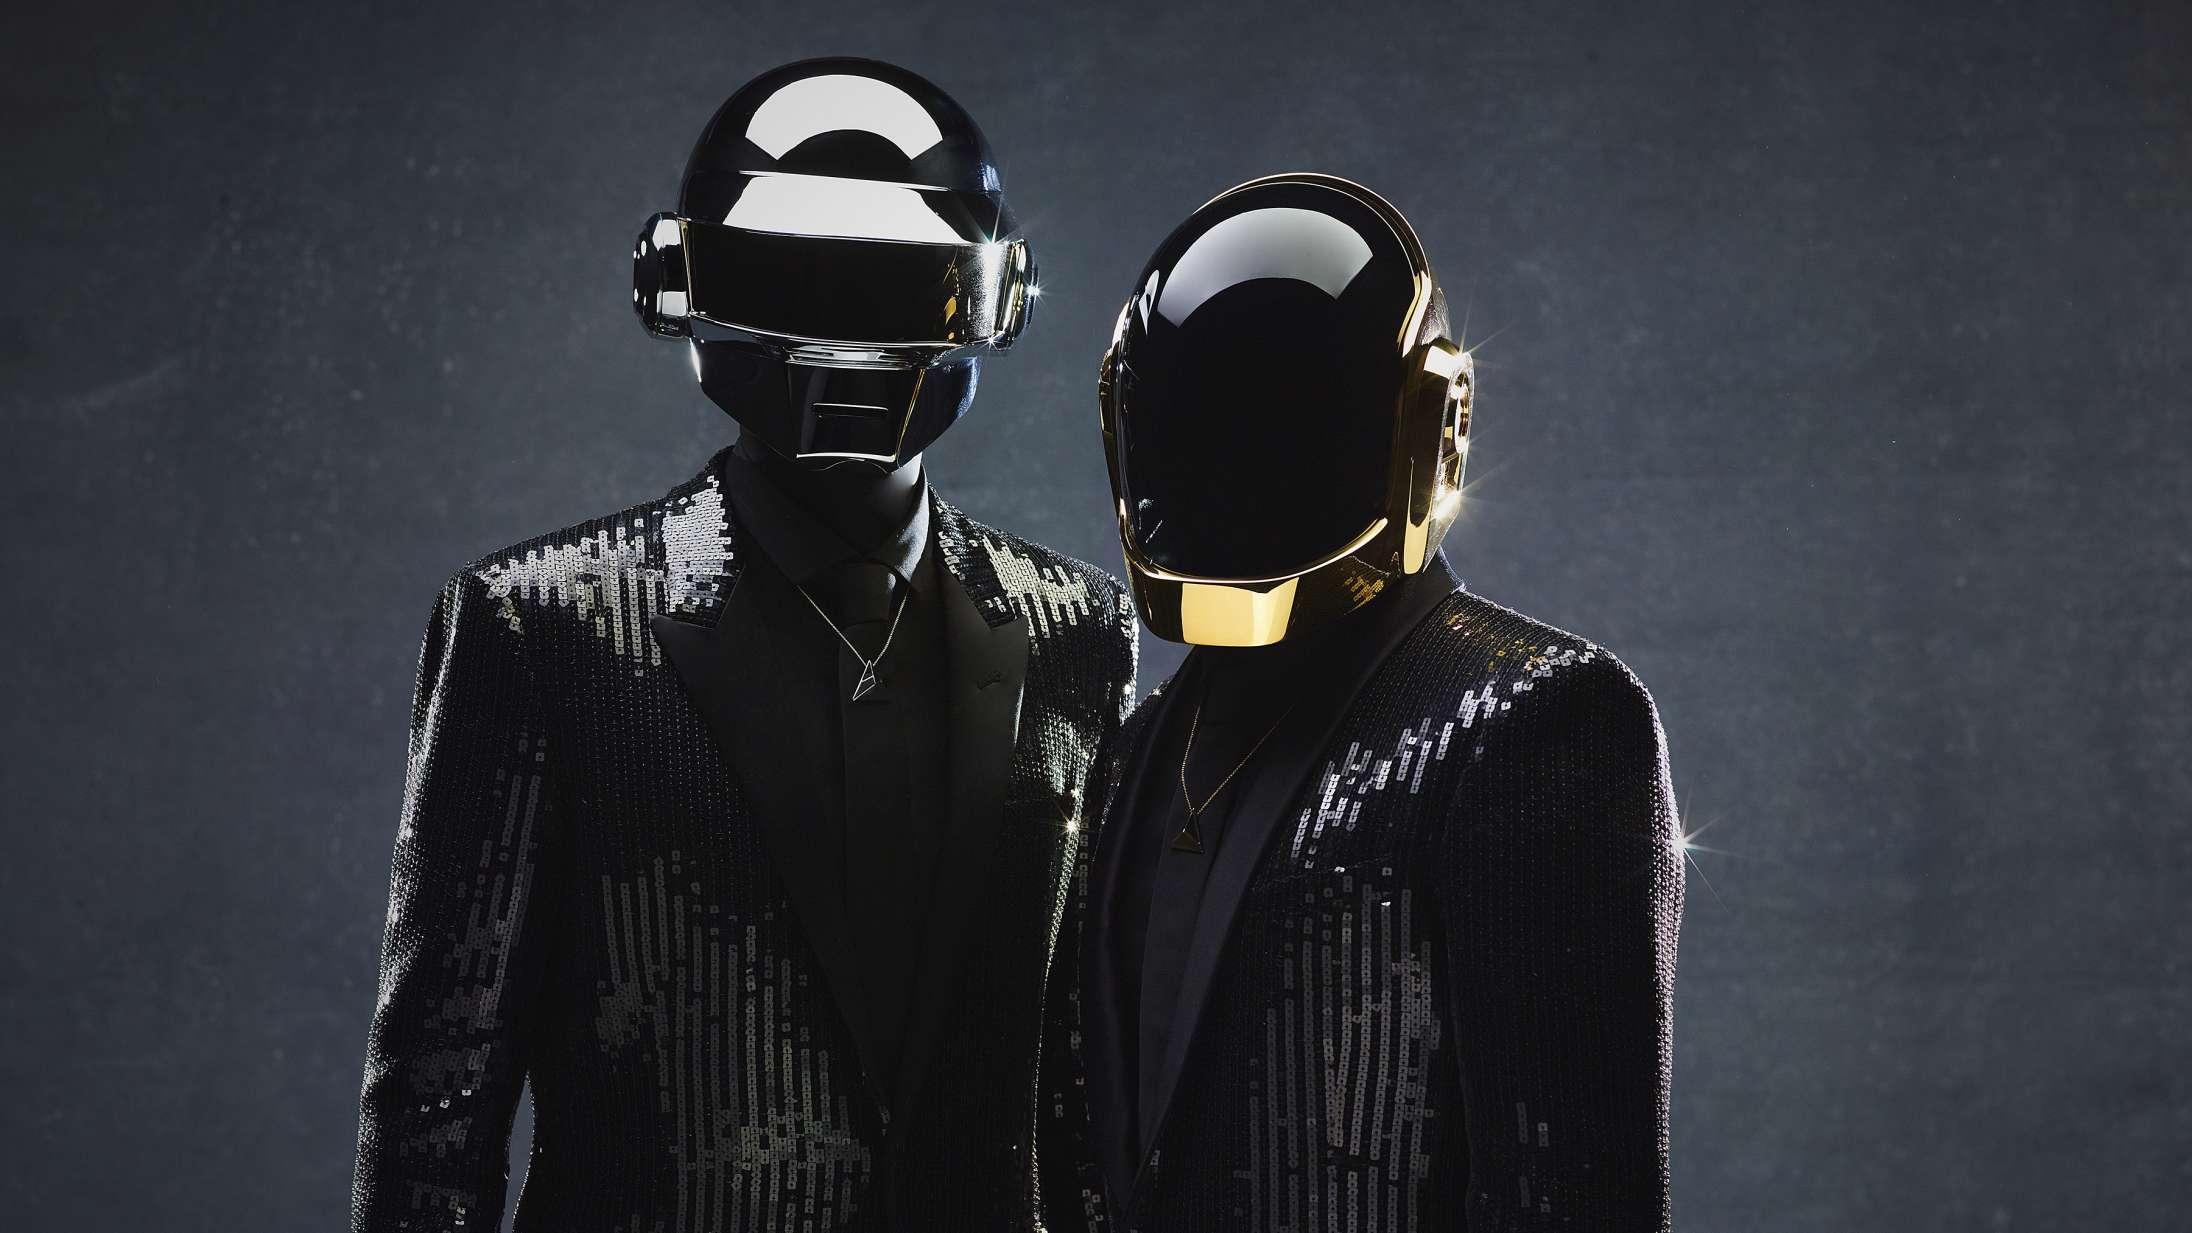 Jeg elsker, at Daft Punk har valgt netop dén sang til deres afskedsvideo